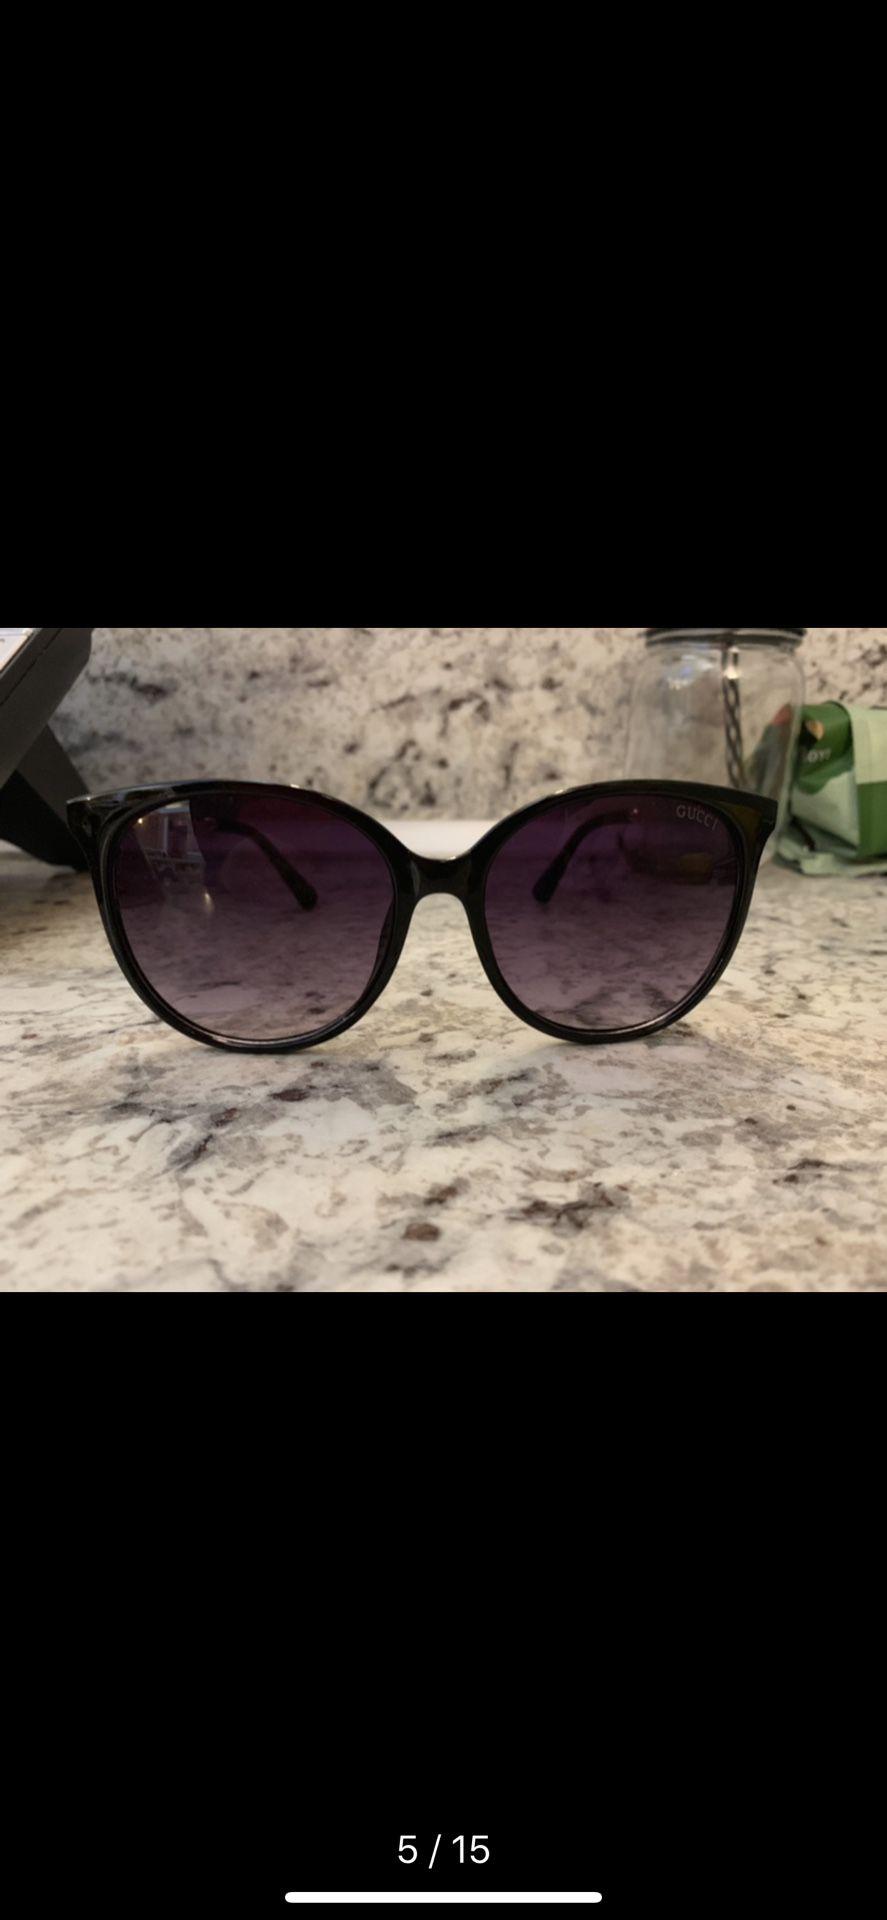 Gucci sunglasses new